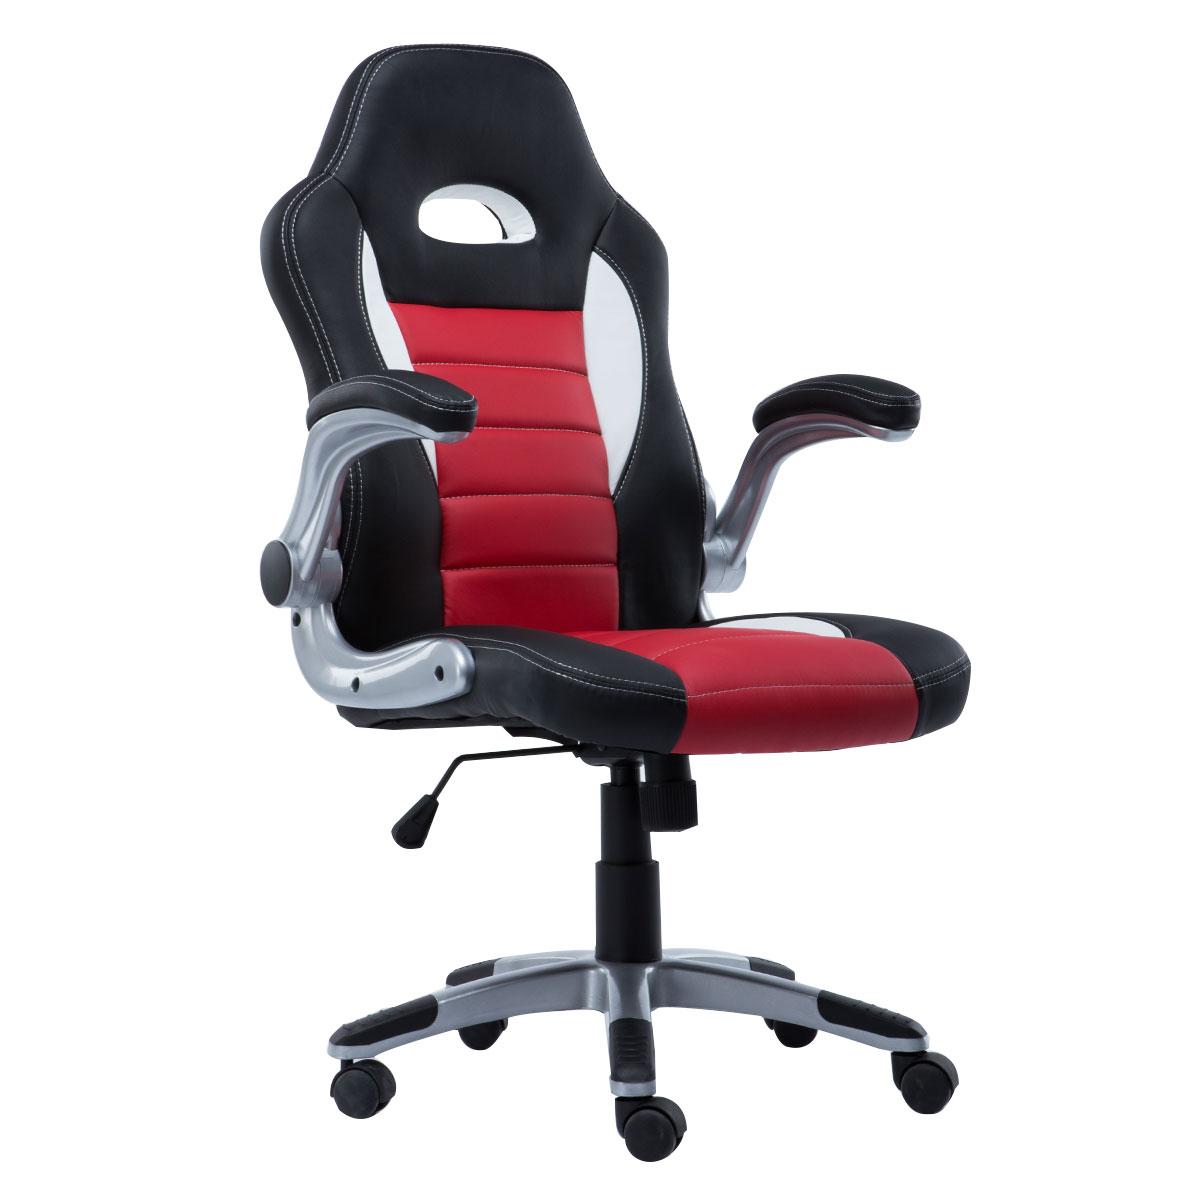 Кресло игровое Costway, ZK8040OR, черный, красный компьютерные кресла и стулья